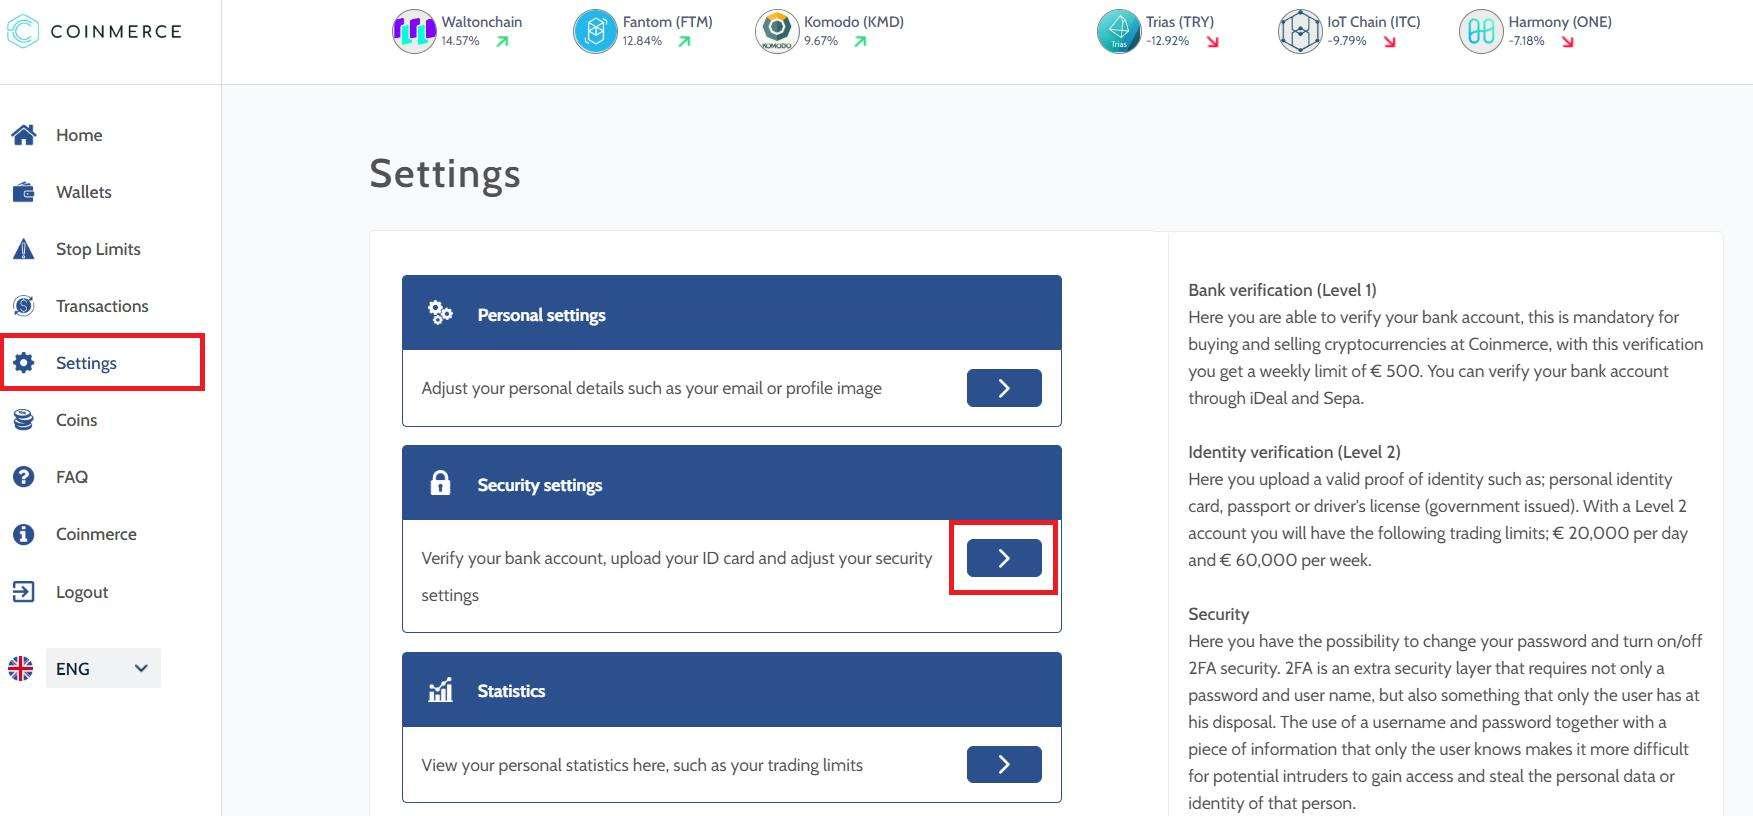 Bank account verification to purcVérification du compte bancaire pour l'achat de Dogecoinhase Dogecoin